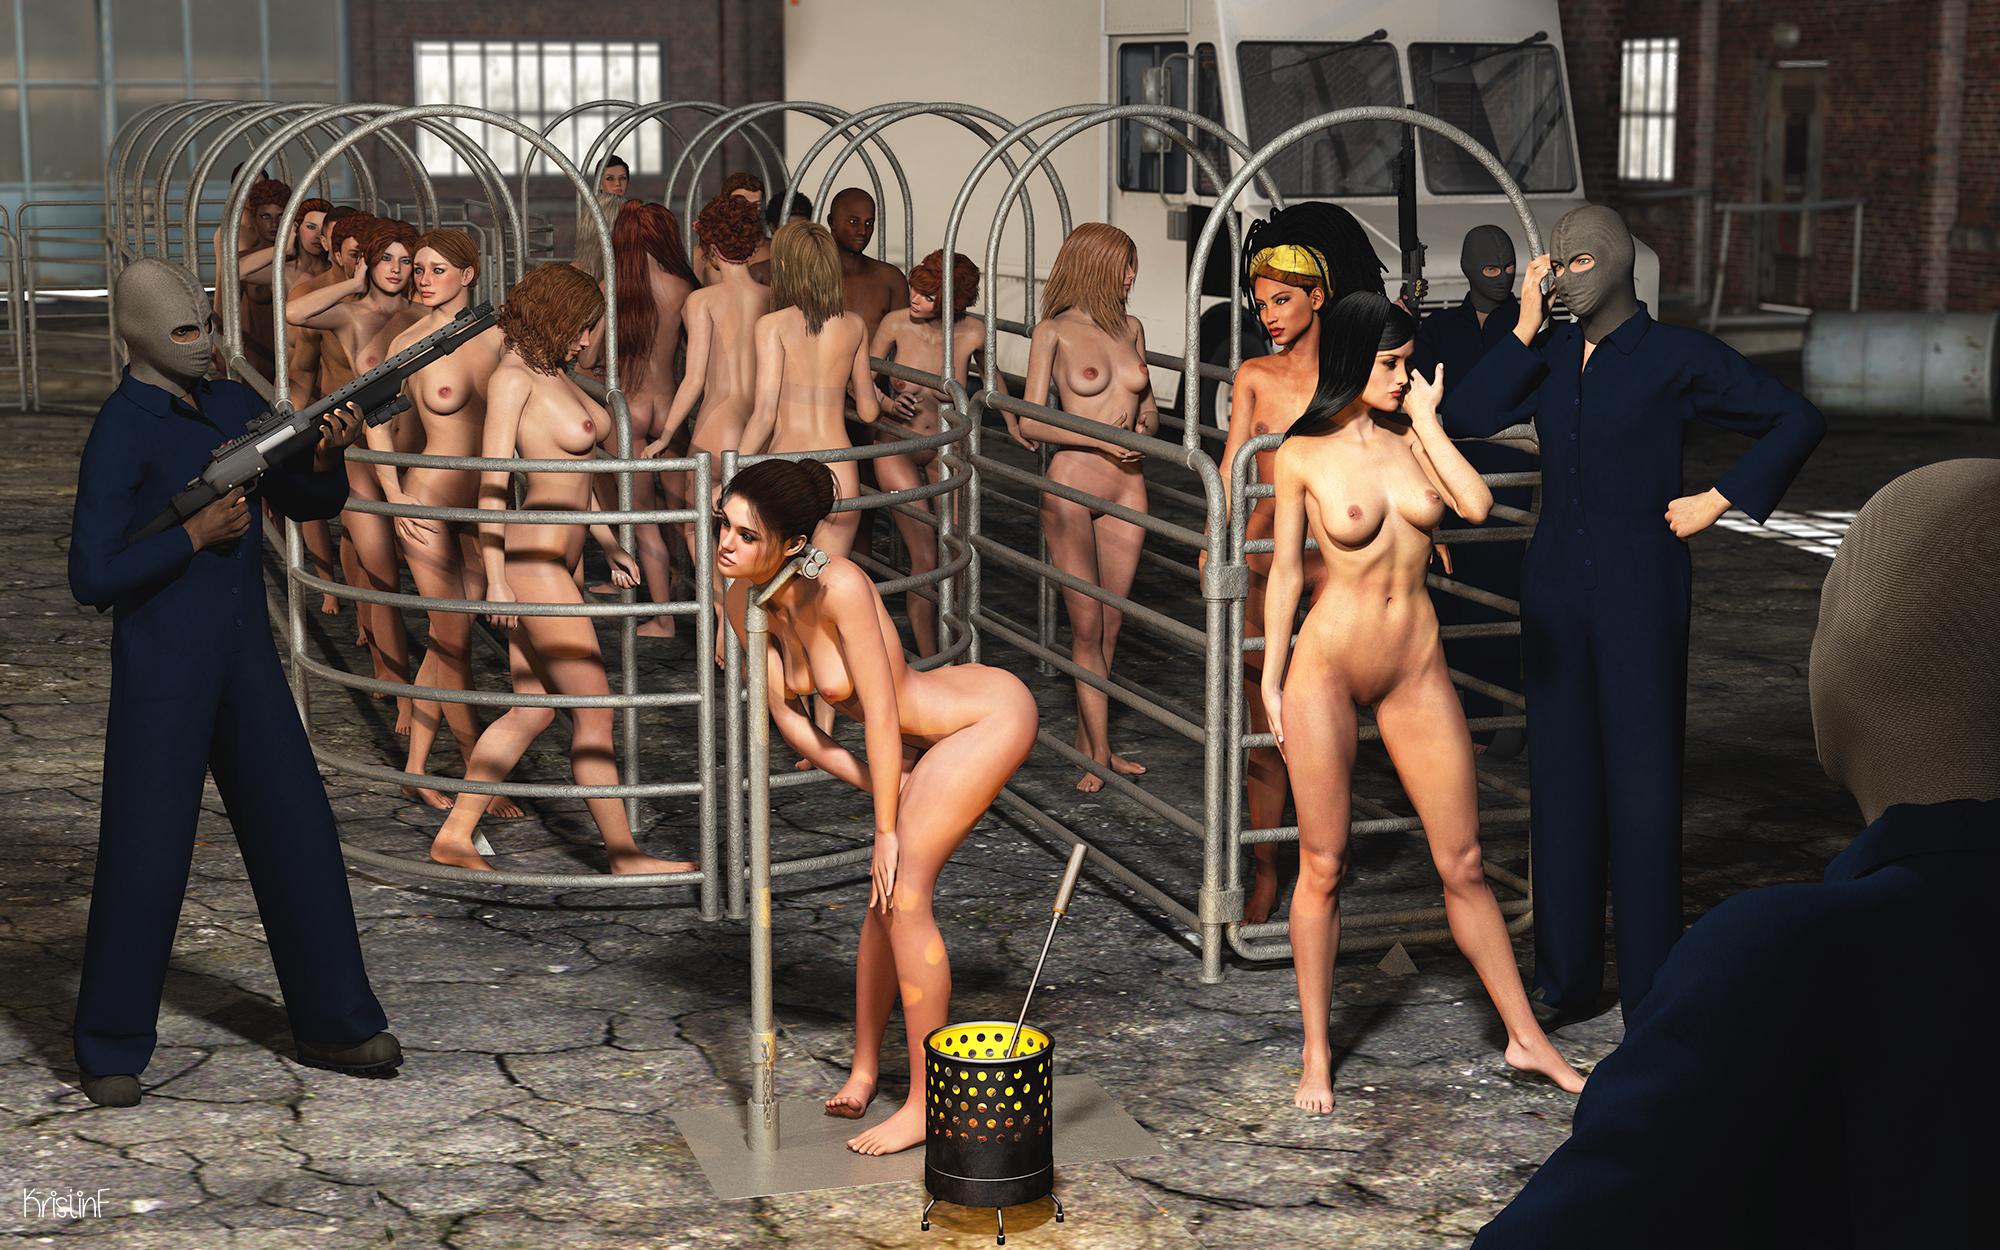 Рынок бдсм рабынь, аукцион рабыньфотографий ВКонтакте 6 фотография